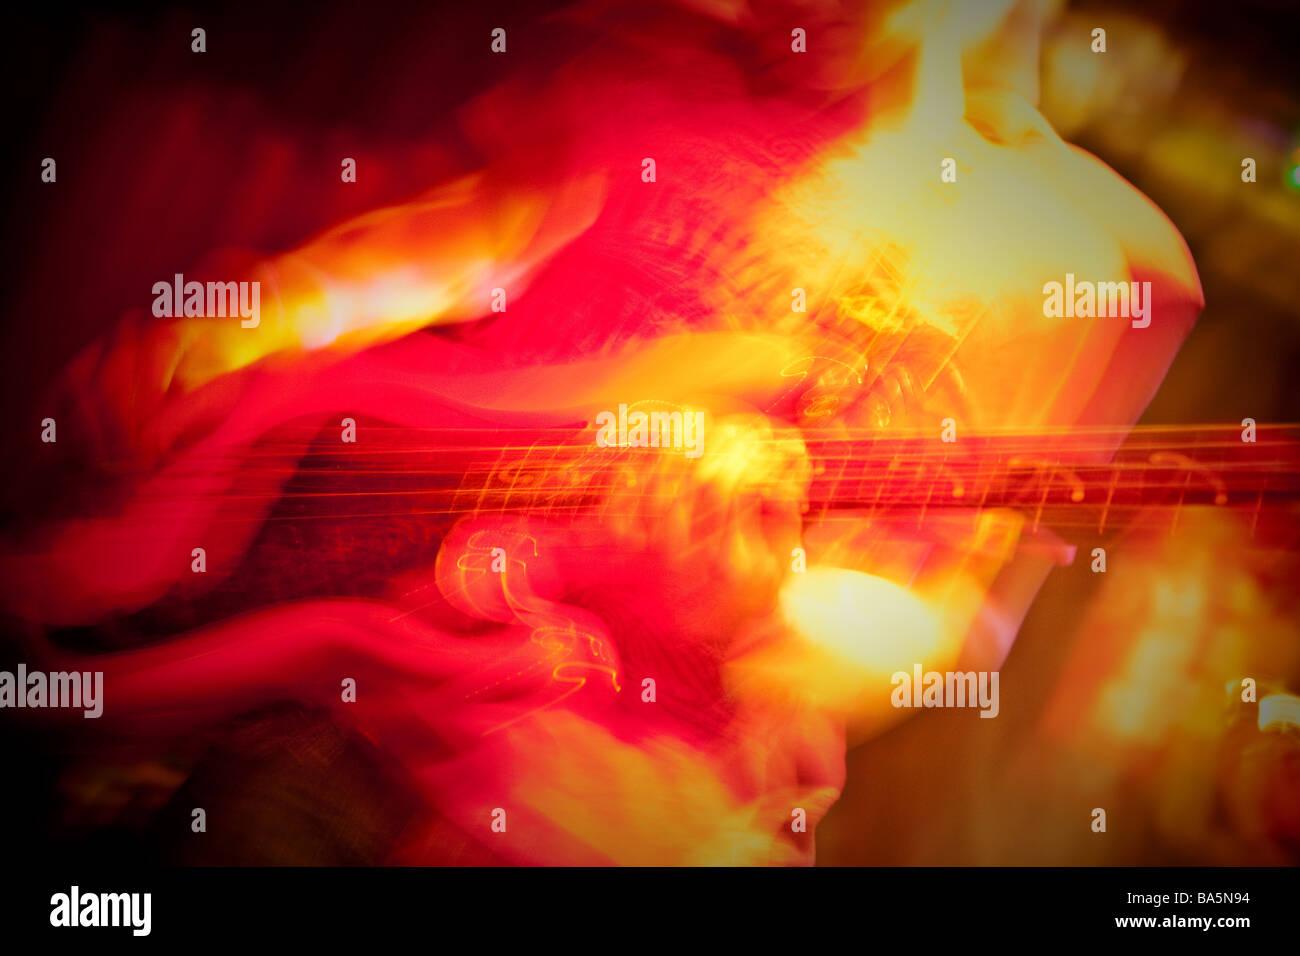 Generico chitarrista rock immagine, con motion blur Immagini Stock